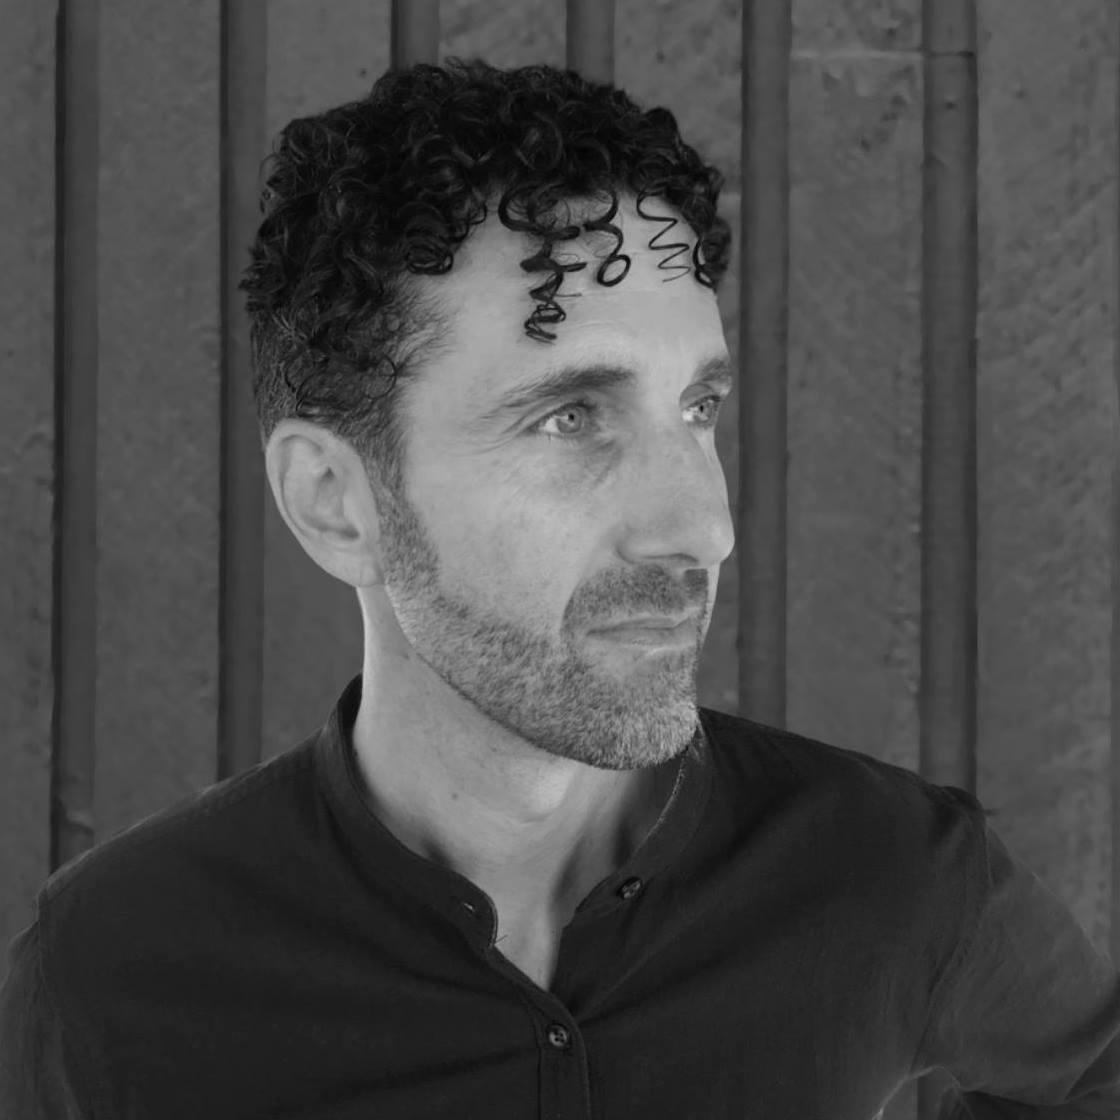 Josef Shapiro